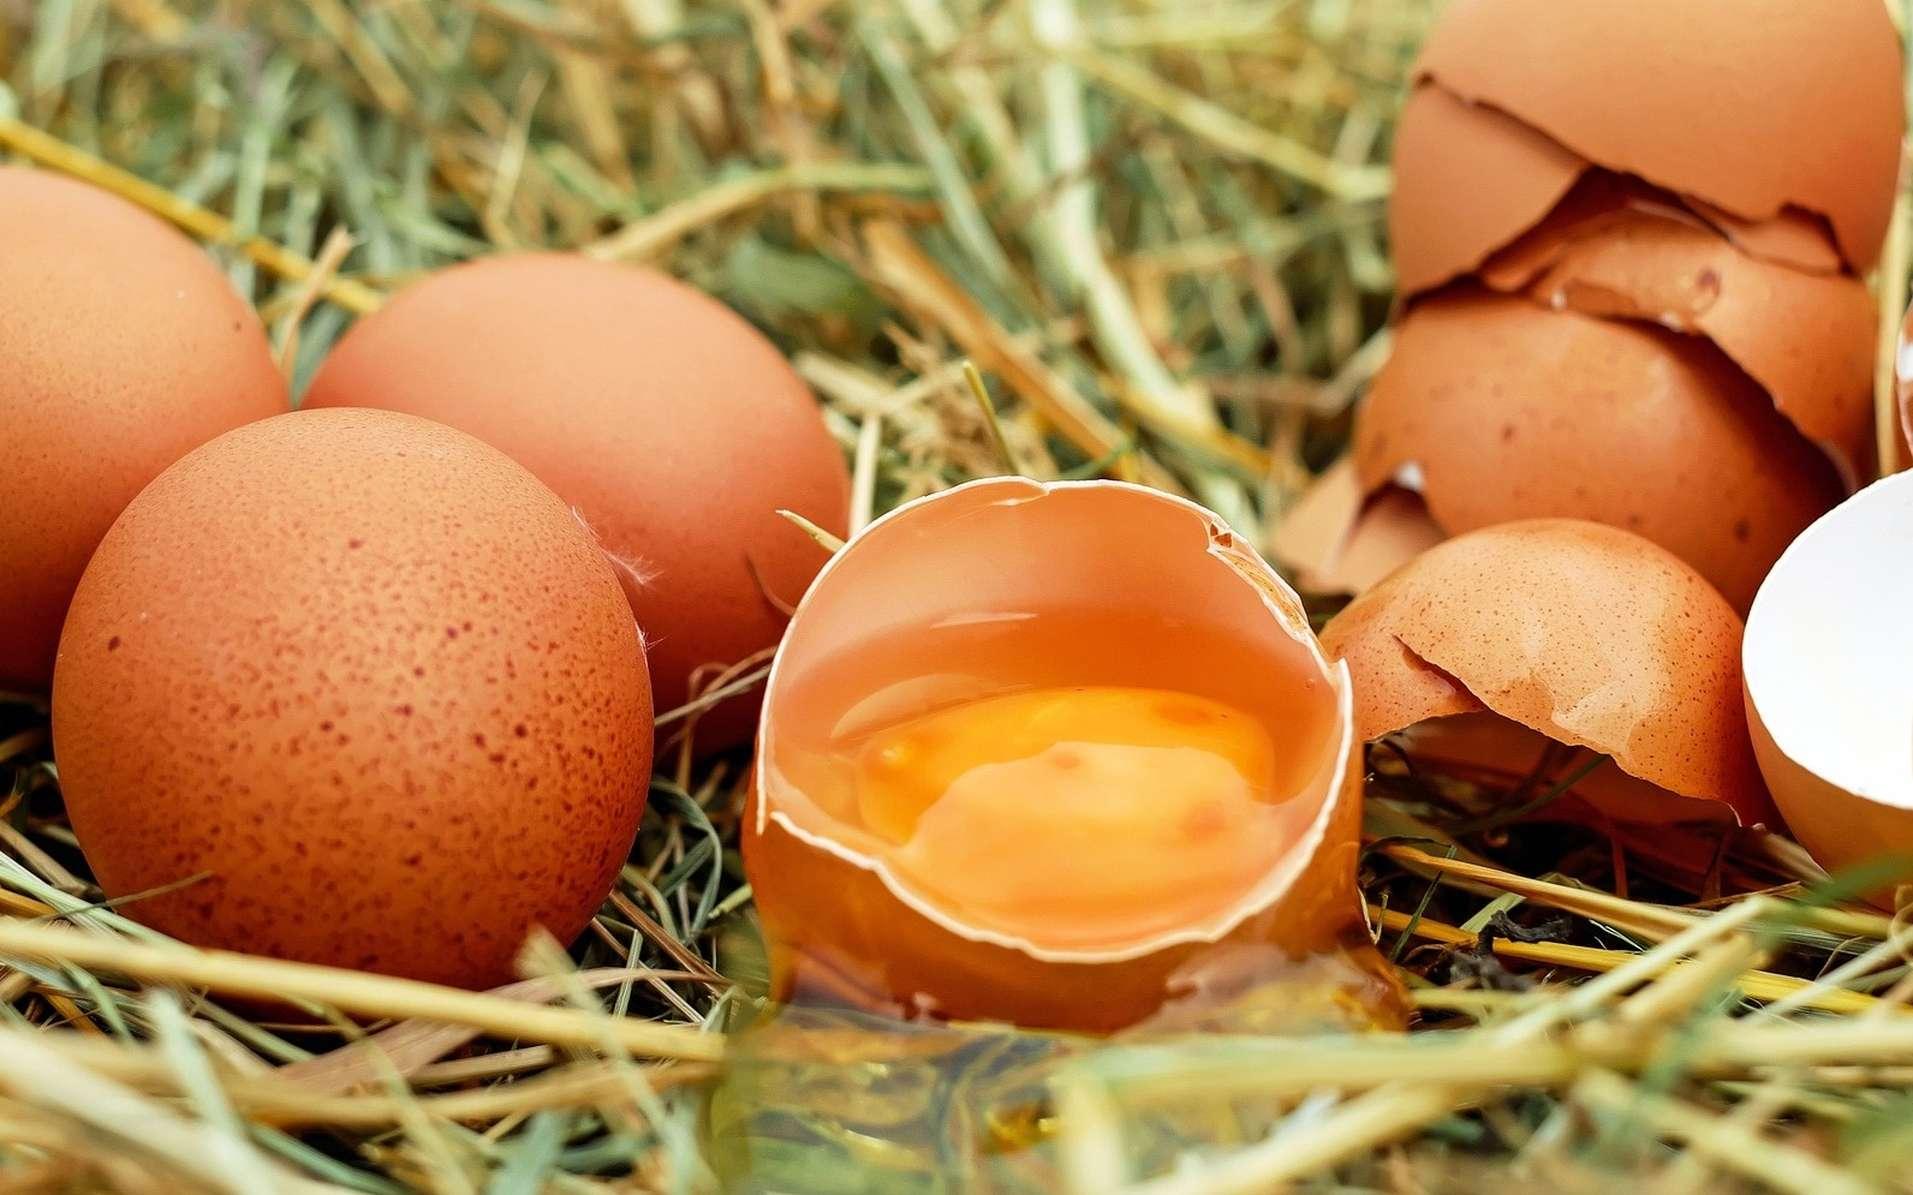 Les ovo-végétariens consomment des œufs. © Couleur, Pixabay, DP